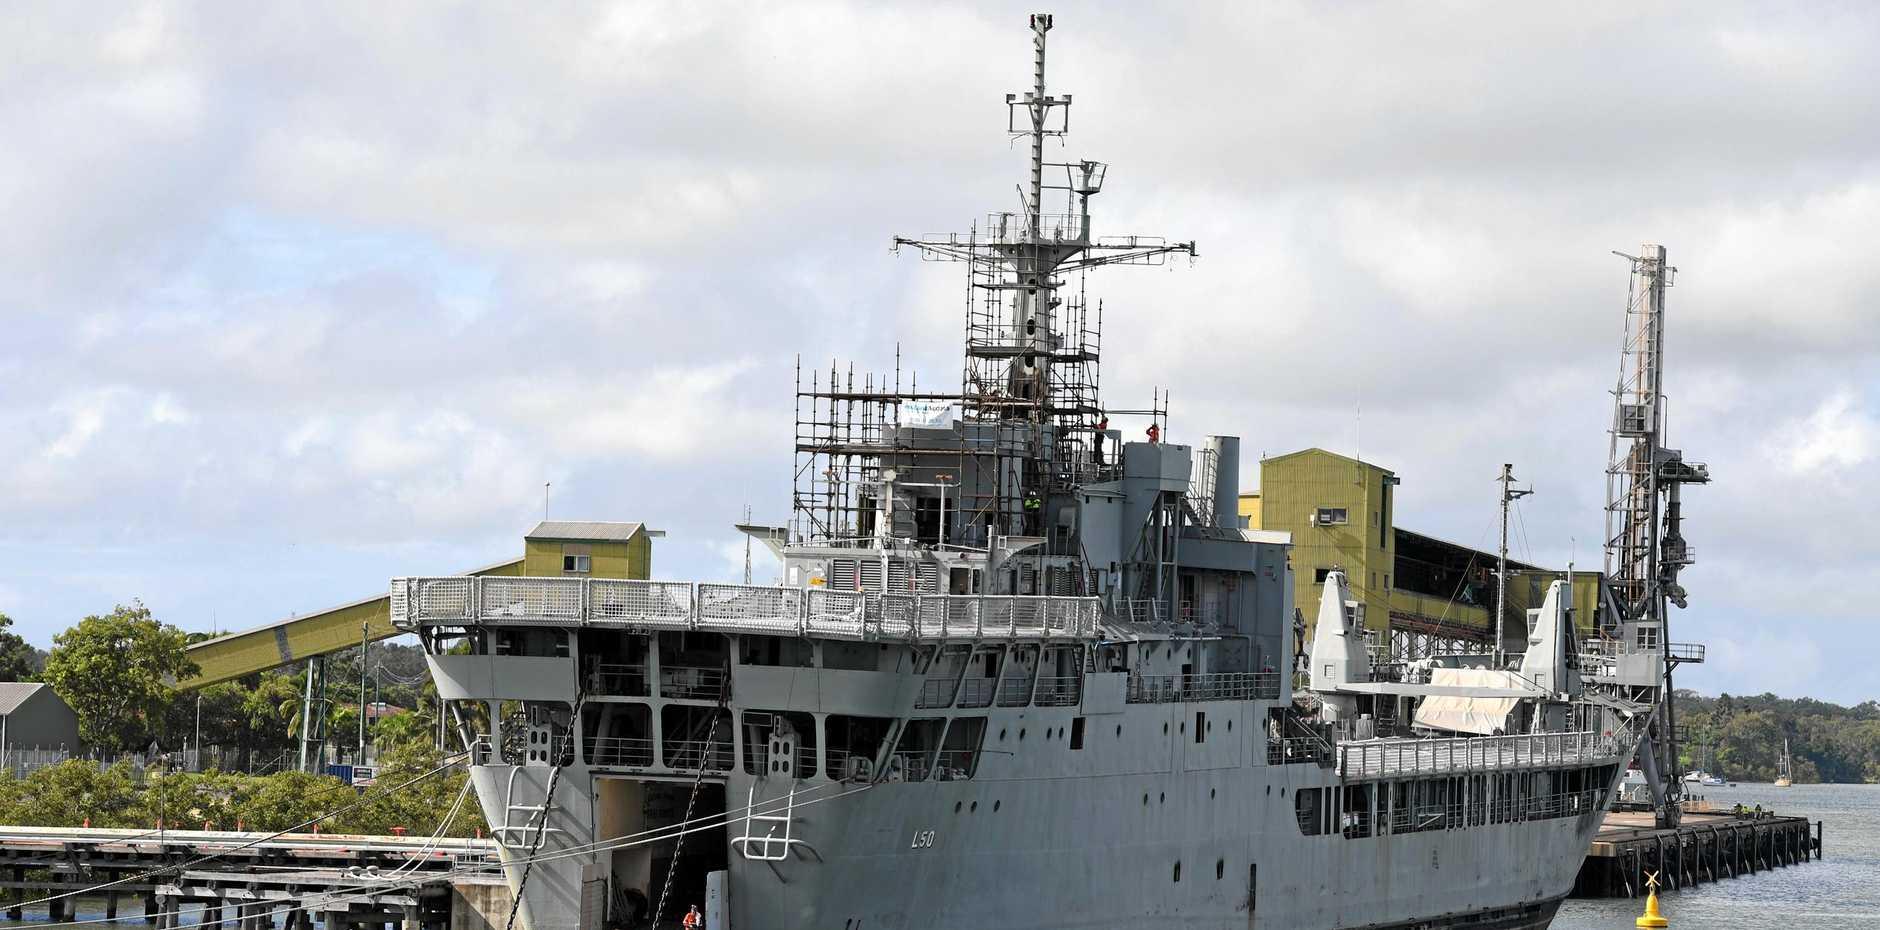 Ex-HMAS Tobruk at the Bundaberg Port.